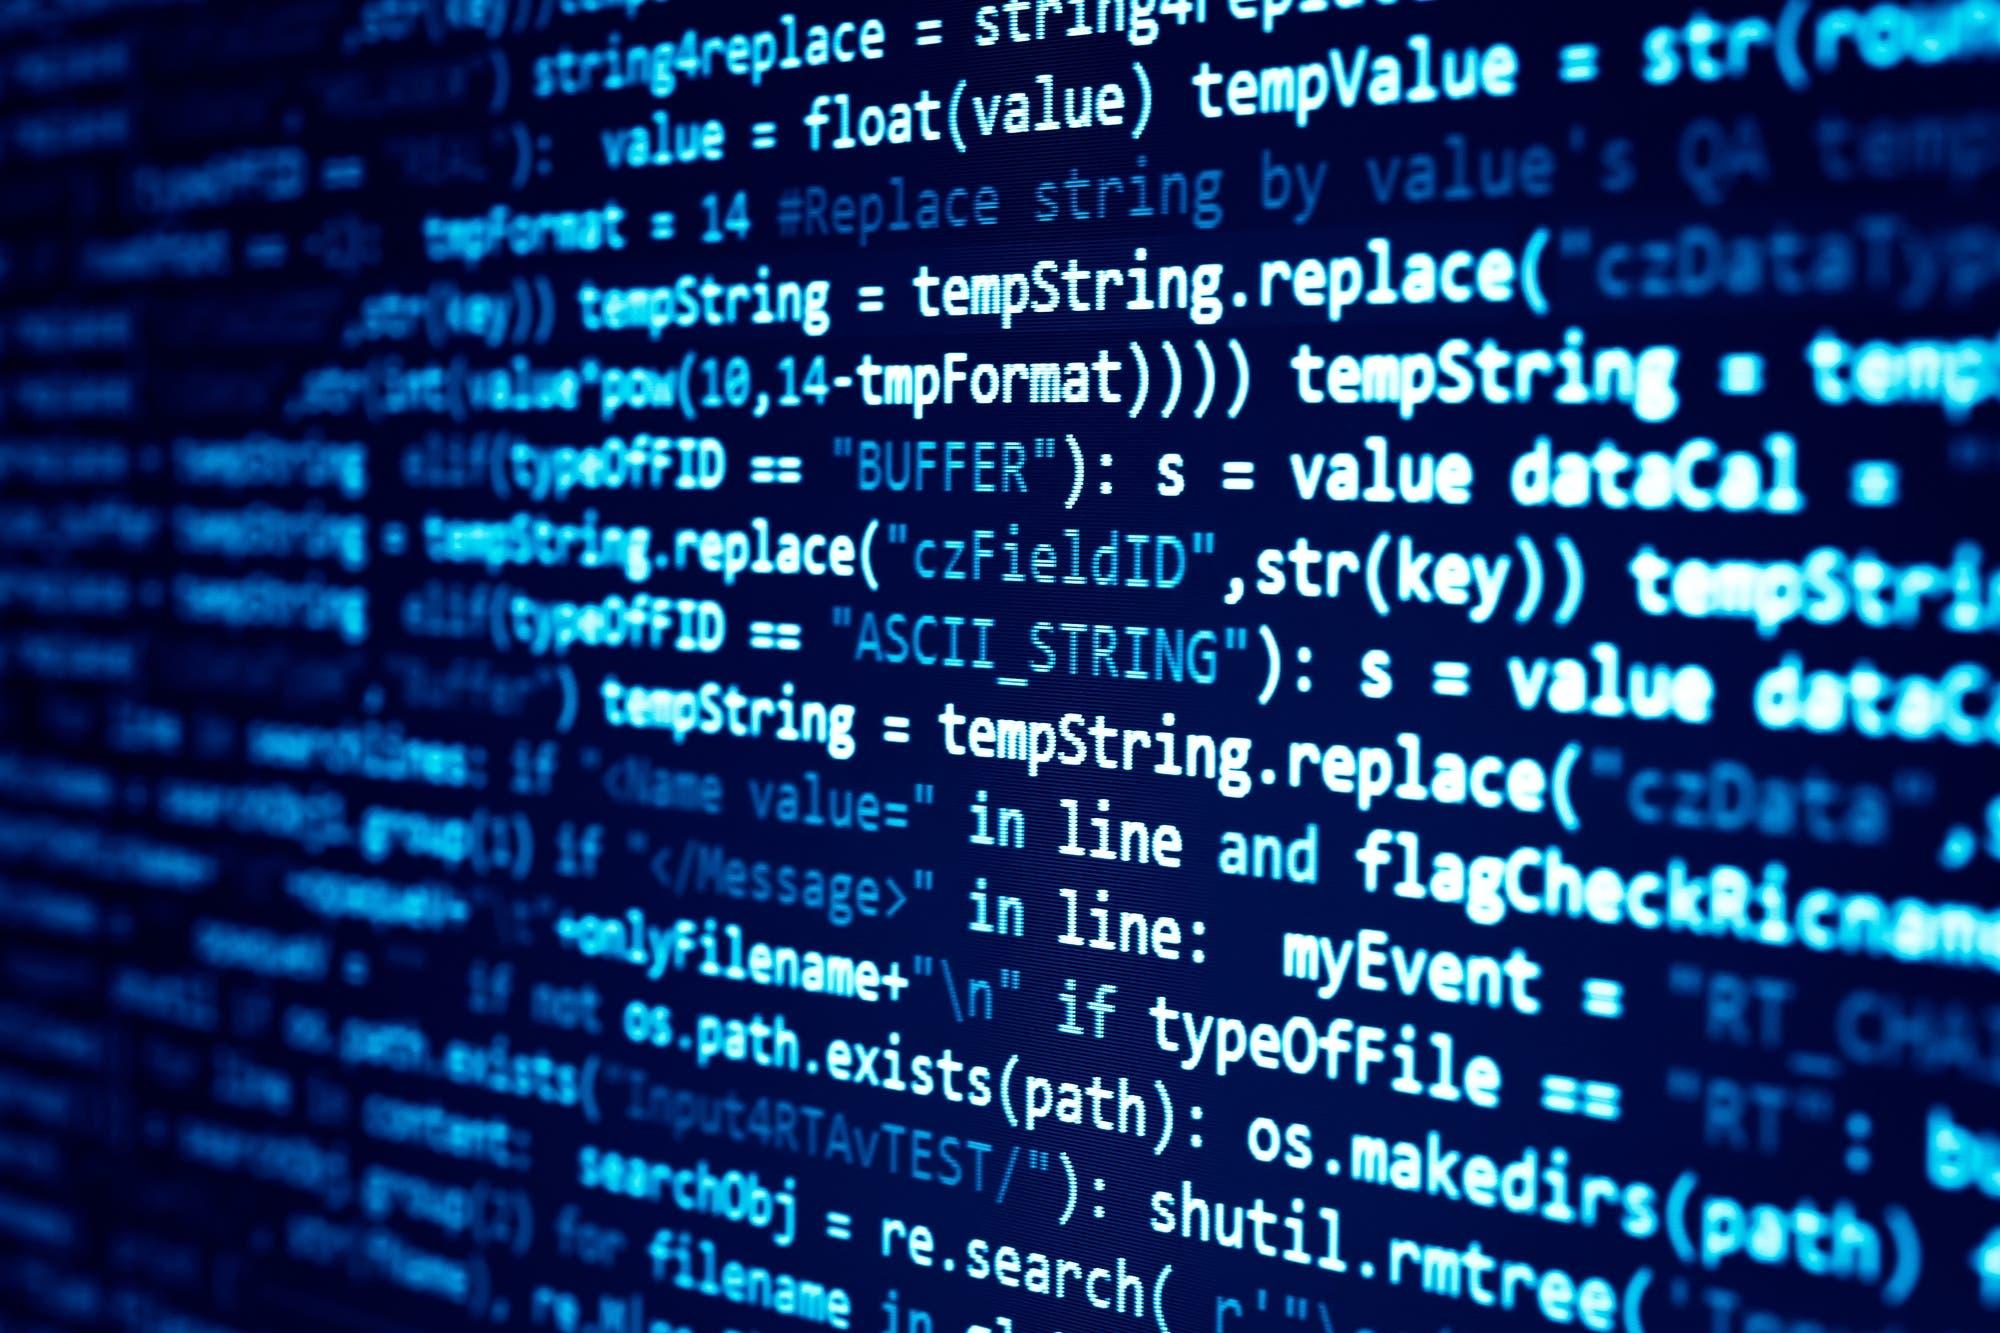 Augmented coding y GPT-3: cómo la inteligencia artificial está ayudando en la creación de software